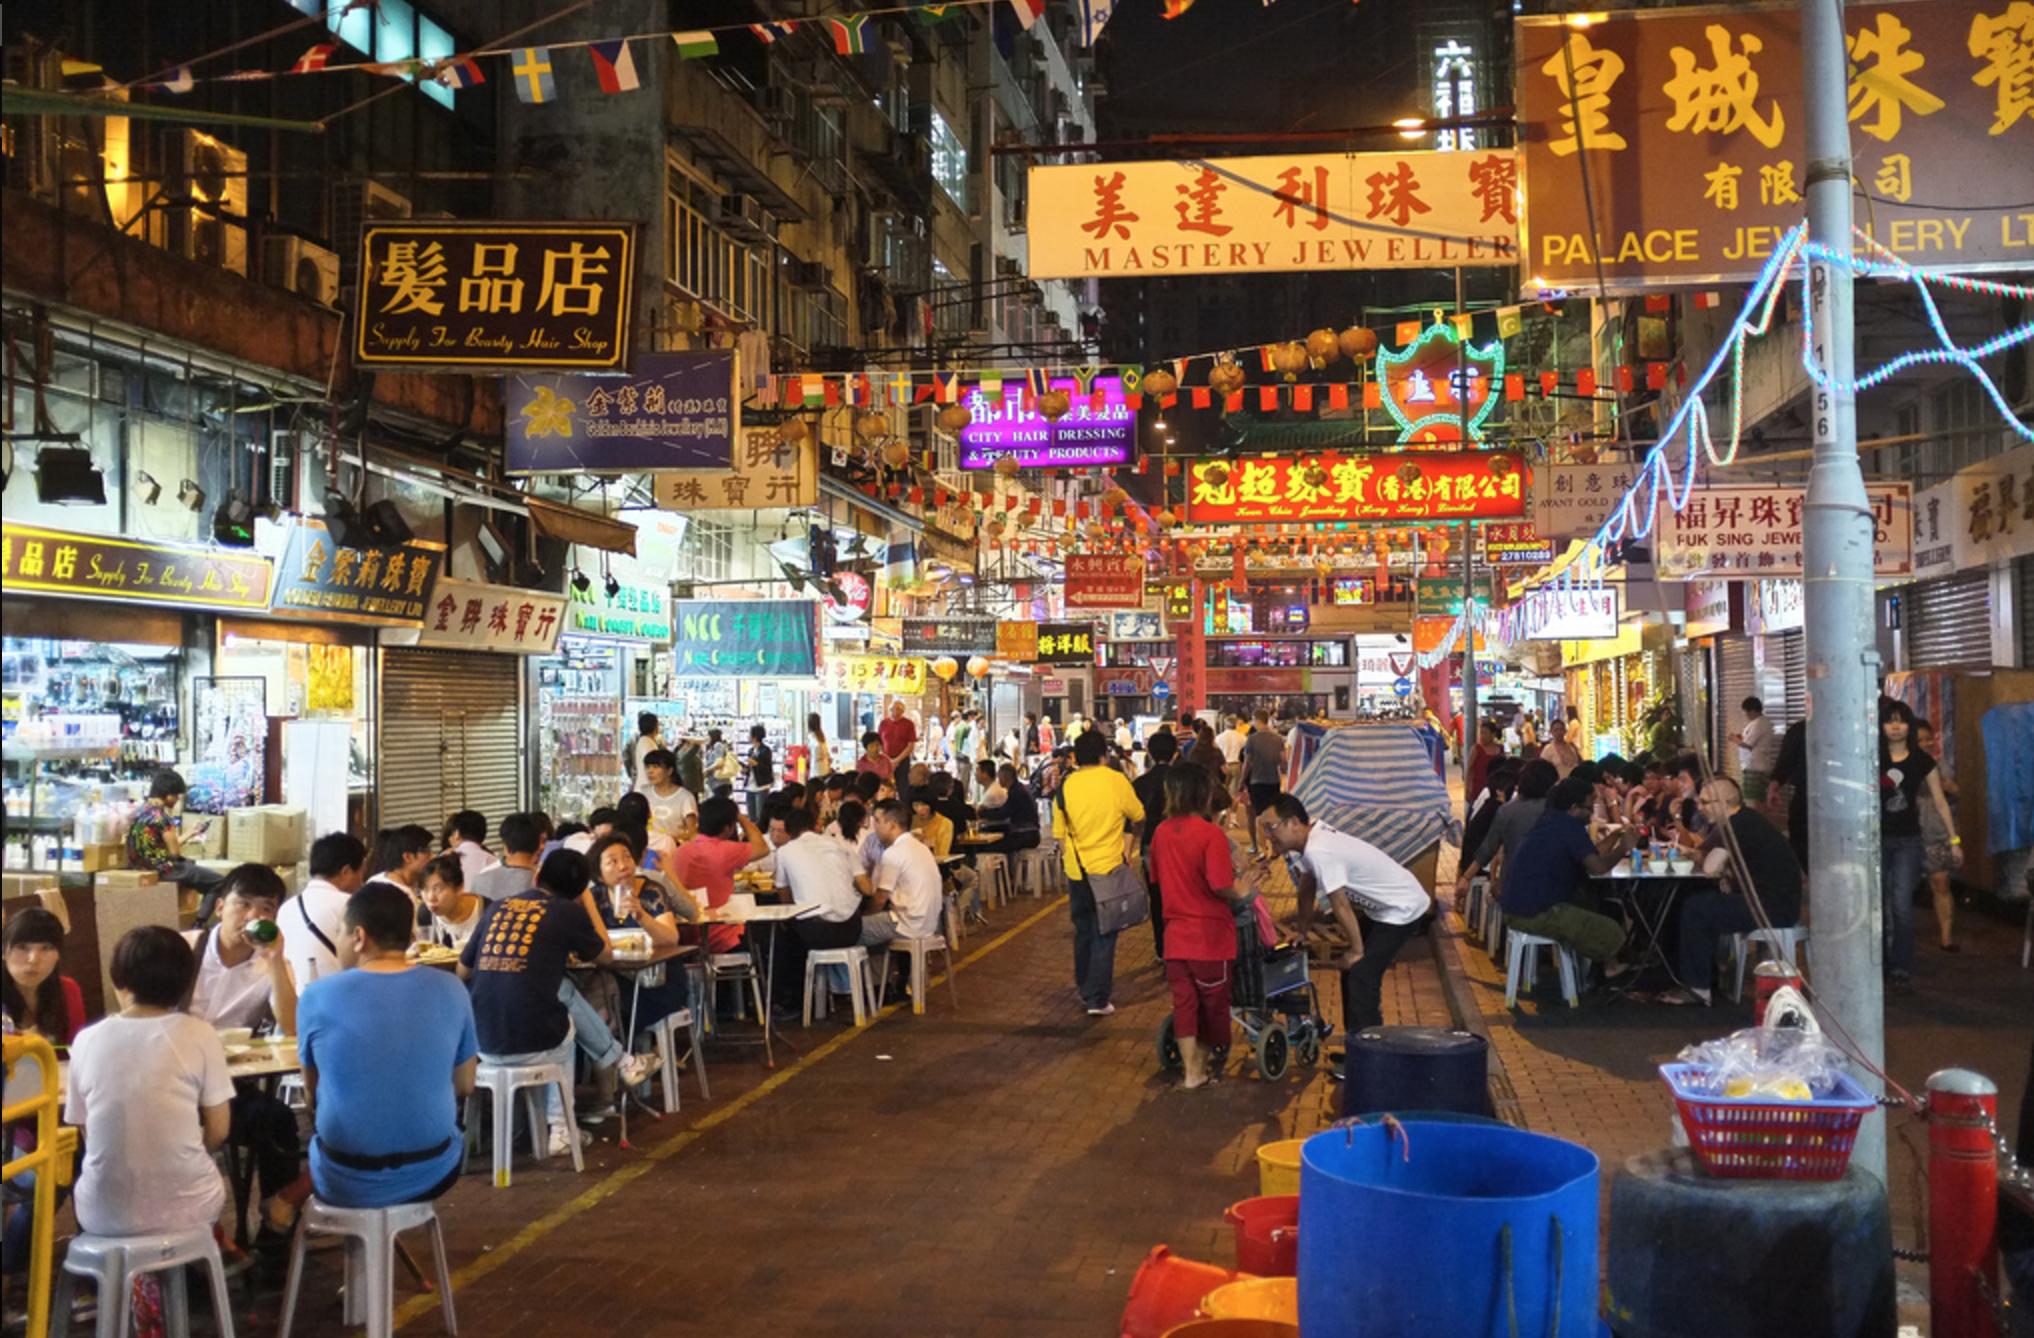 Diversos restaurantes ficam espalhados ao longo do mercado